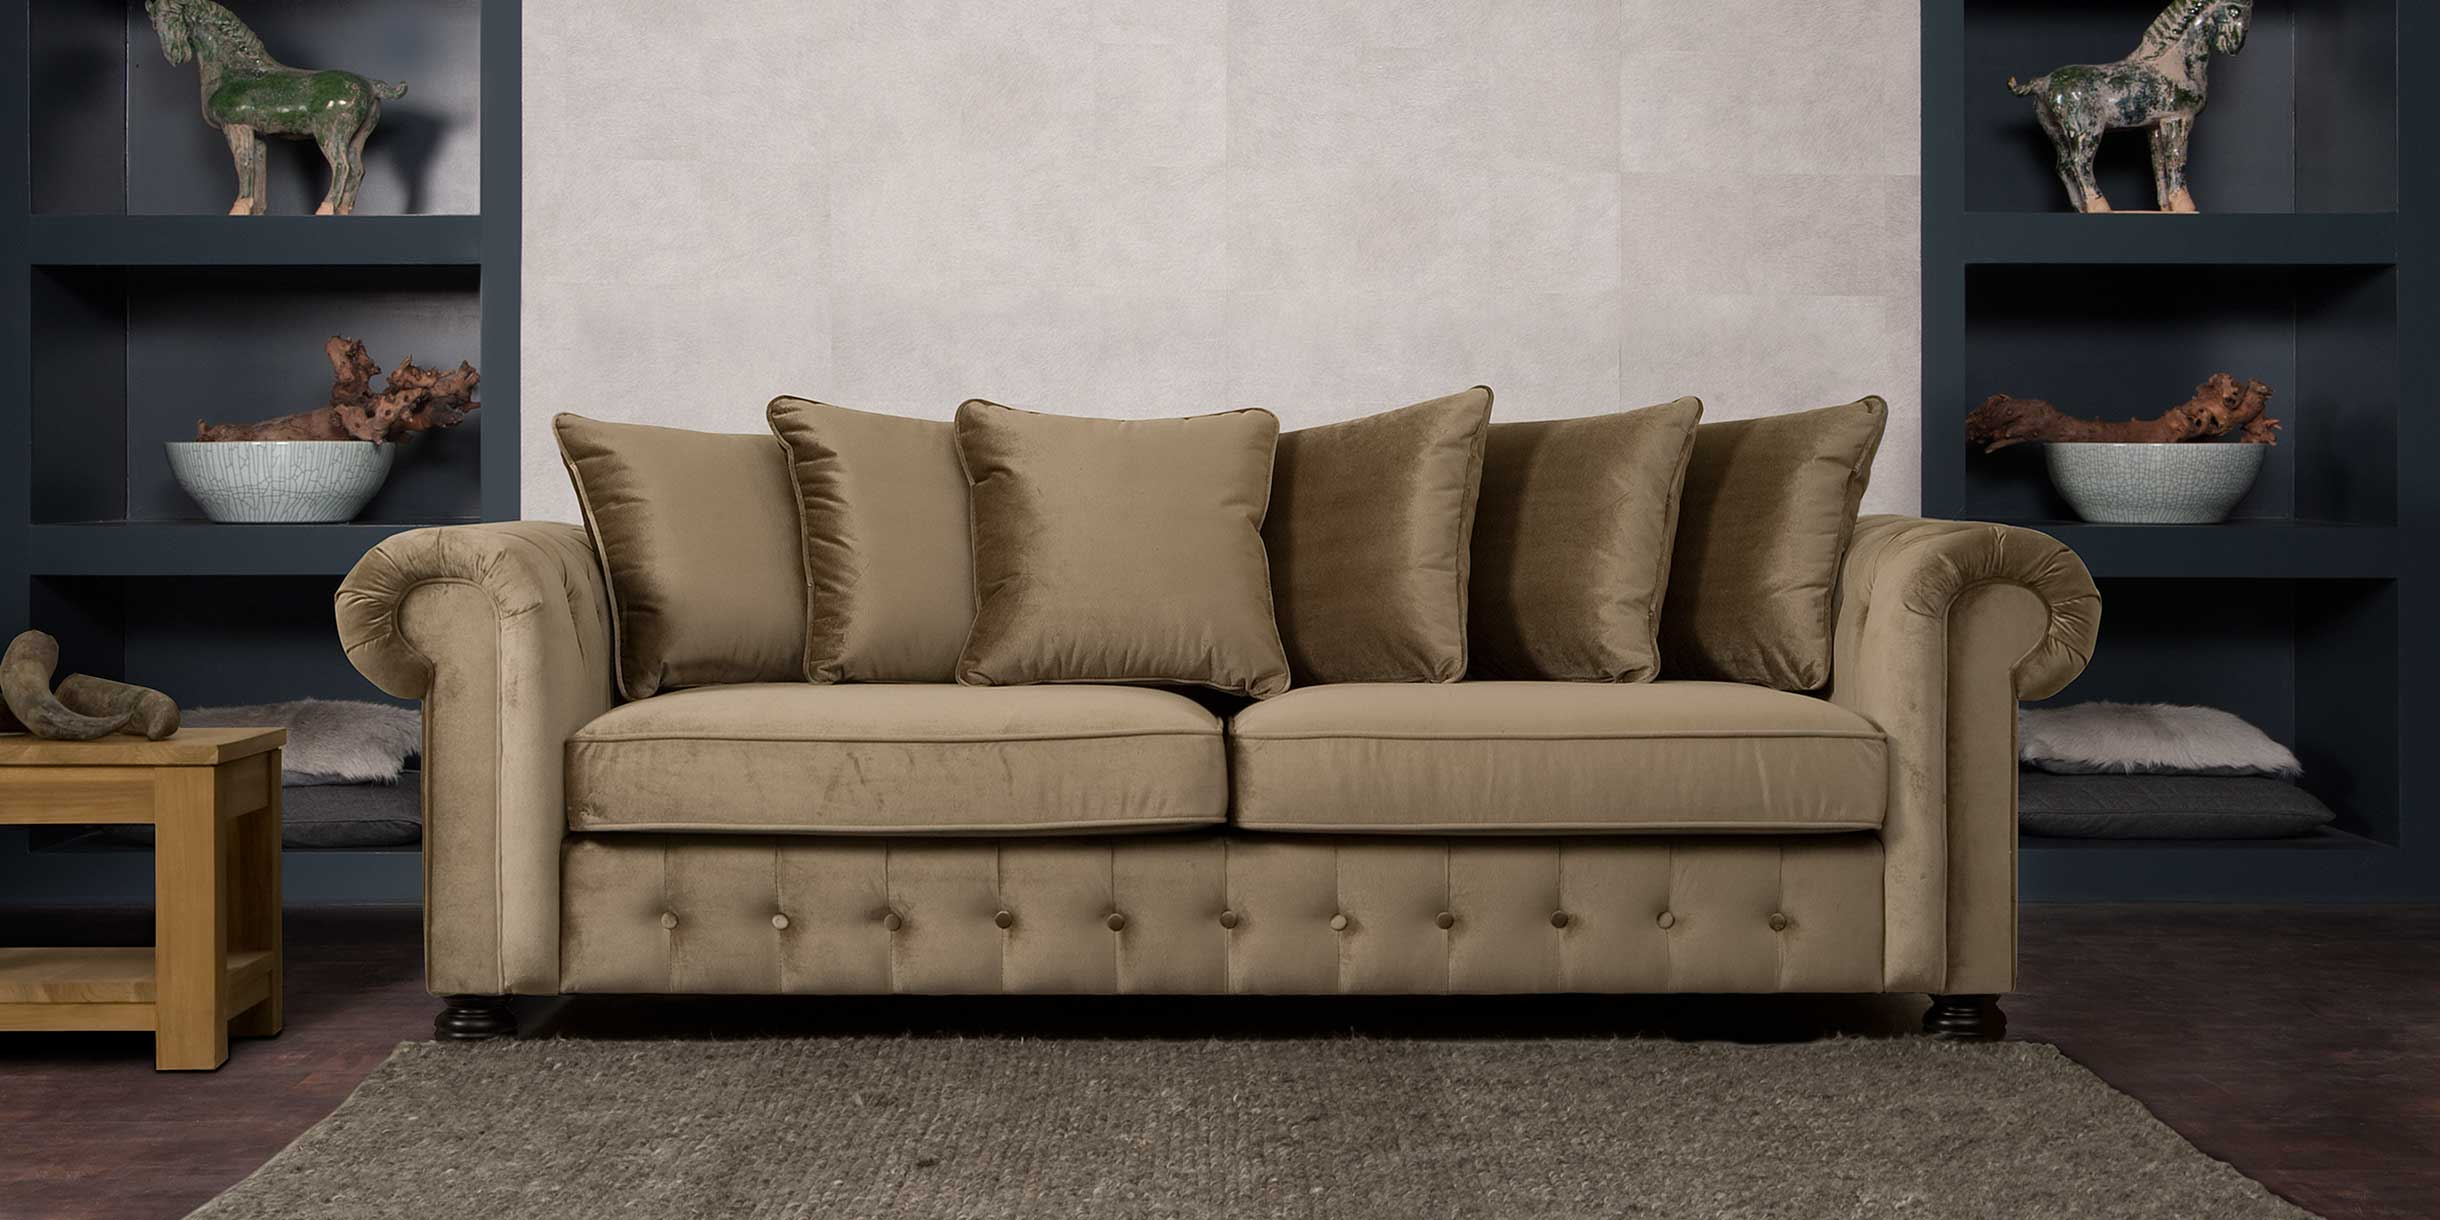 UrbanSofa-San-Remo-sofa-Vintage